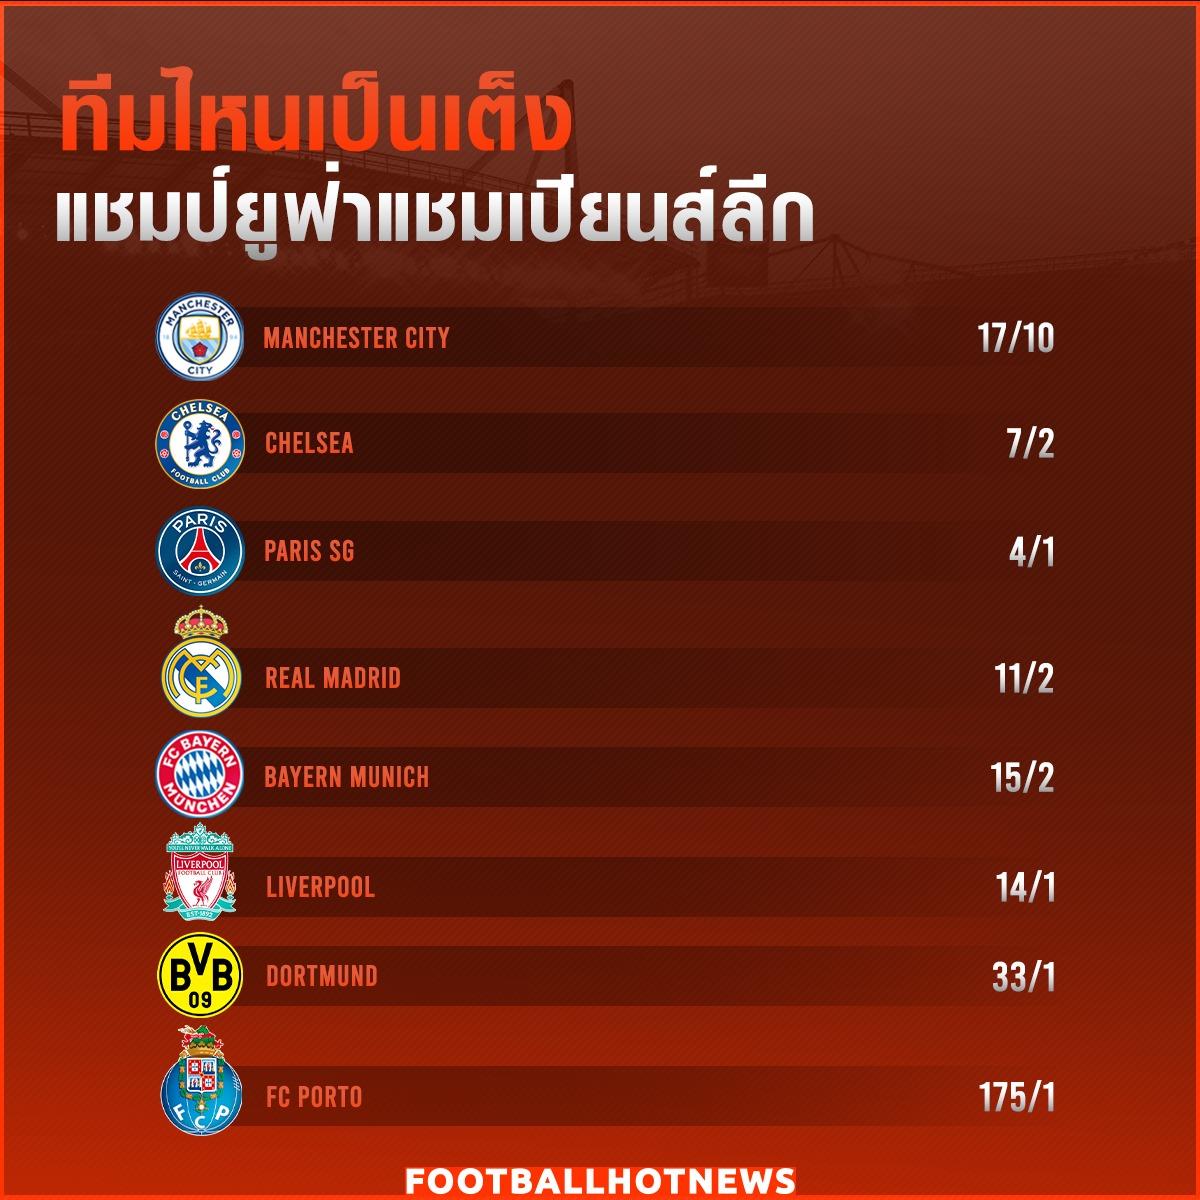 ทีมไหนเต็งแชมป์ UEFA